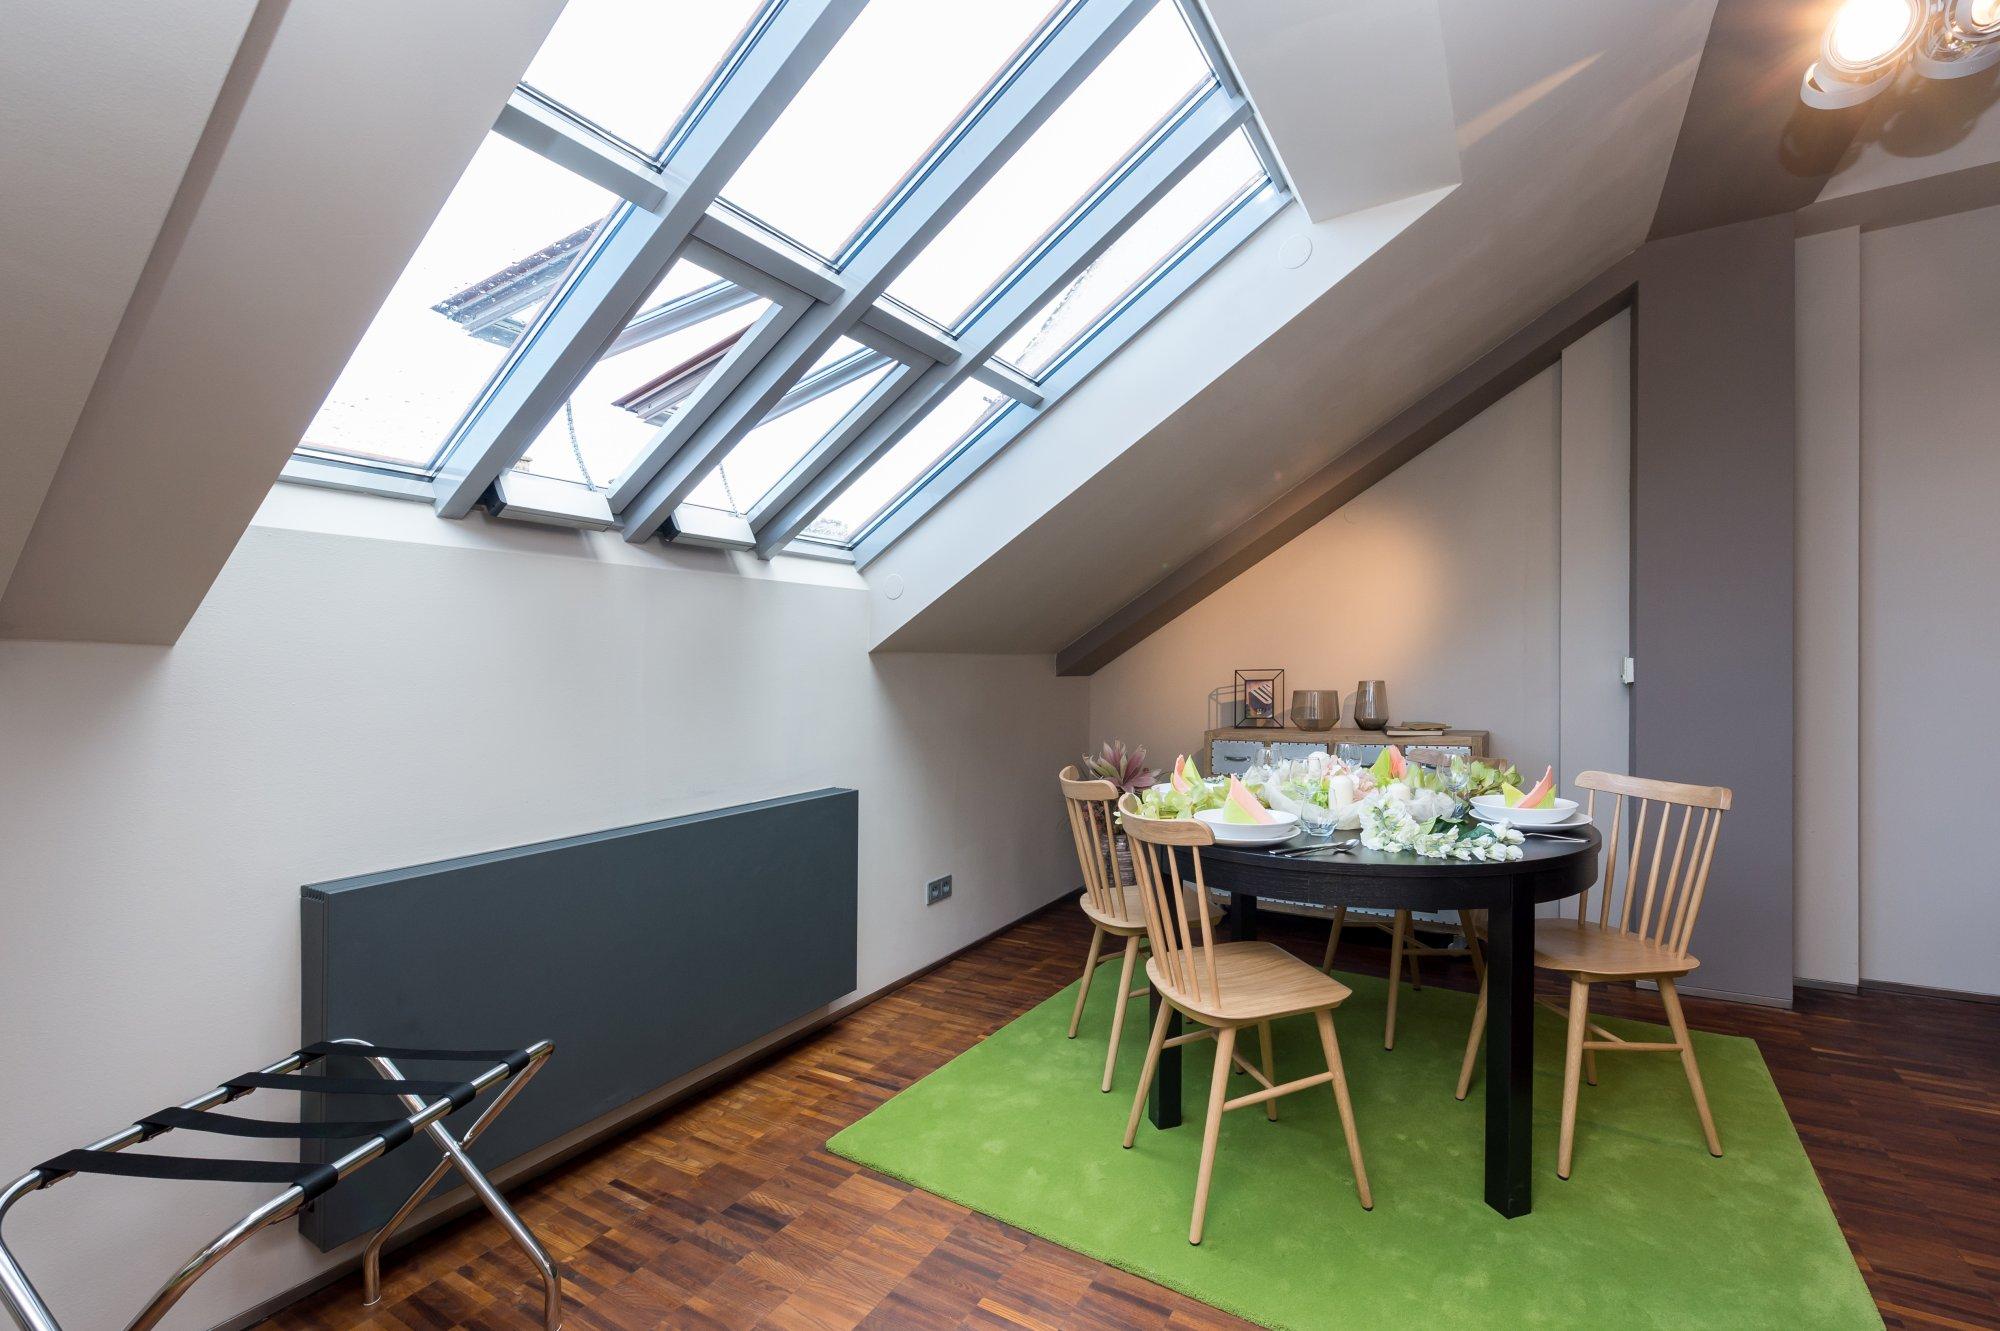 Půdní byt 2+kk, plocha 113 m², ulice Soukenická, Praha 1 - Nové Město | 2